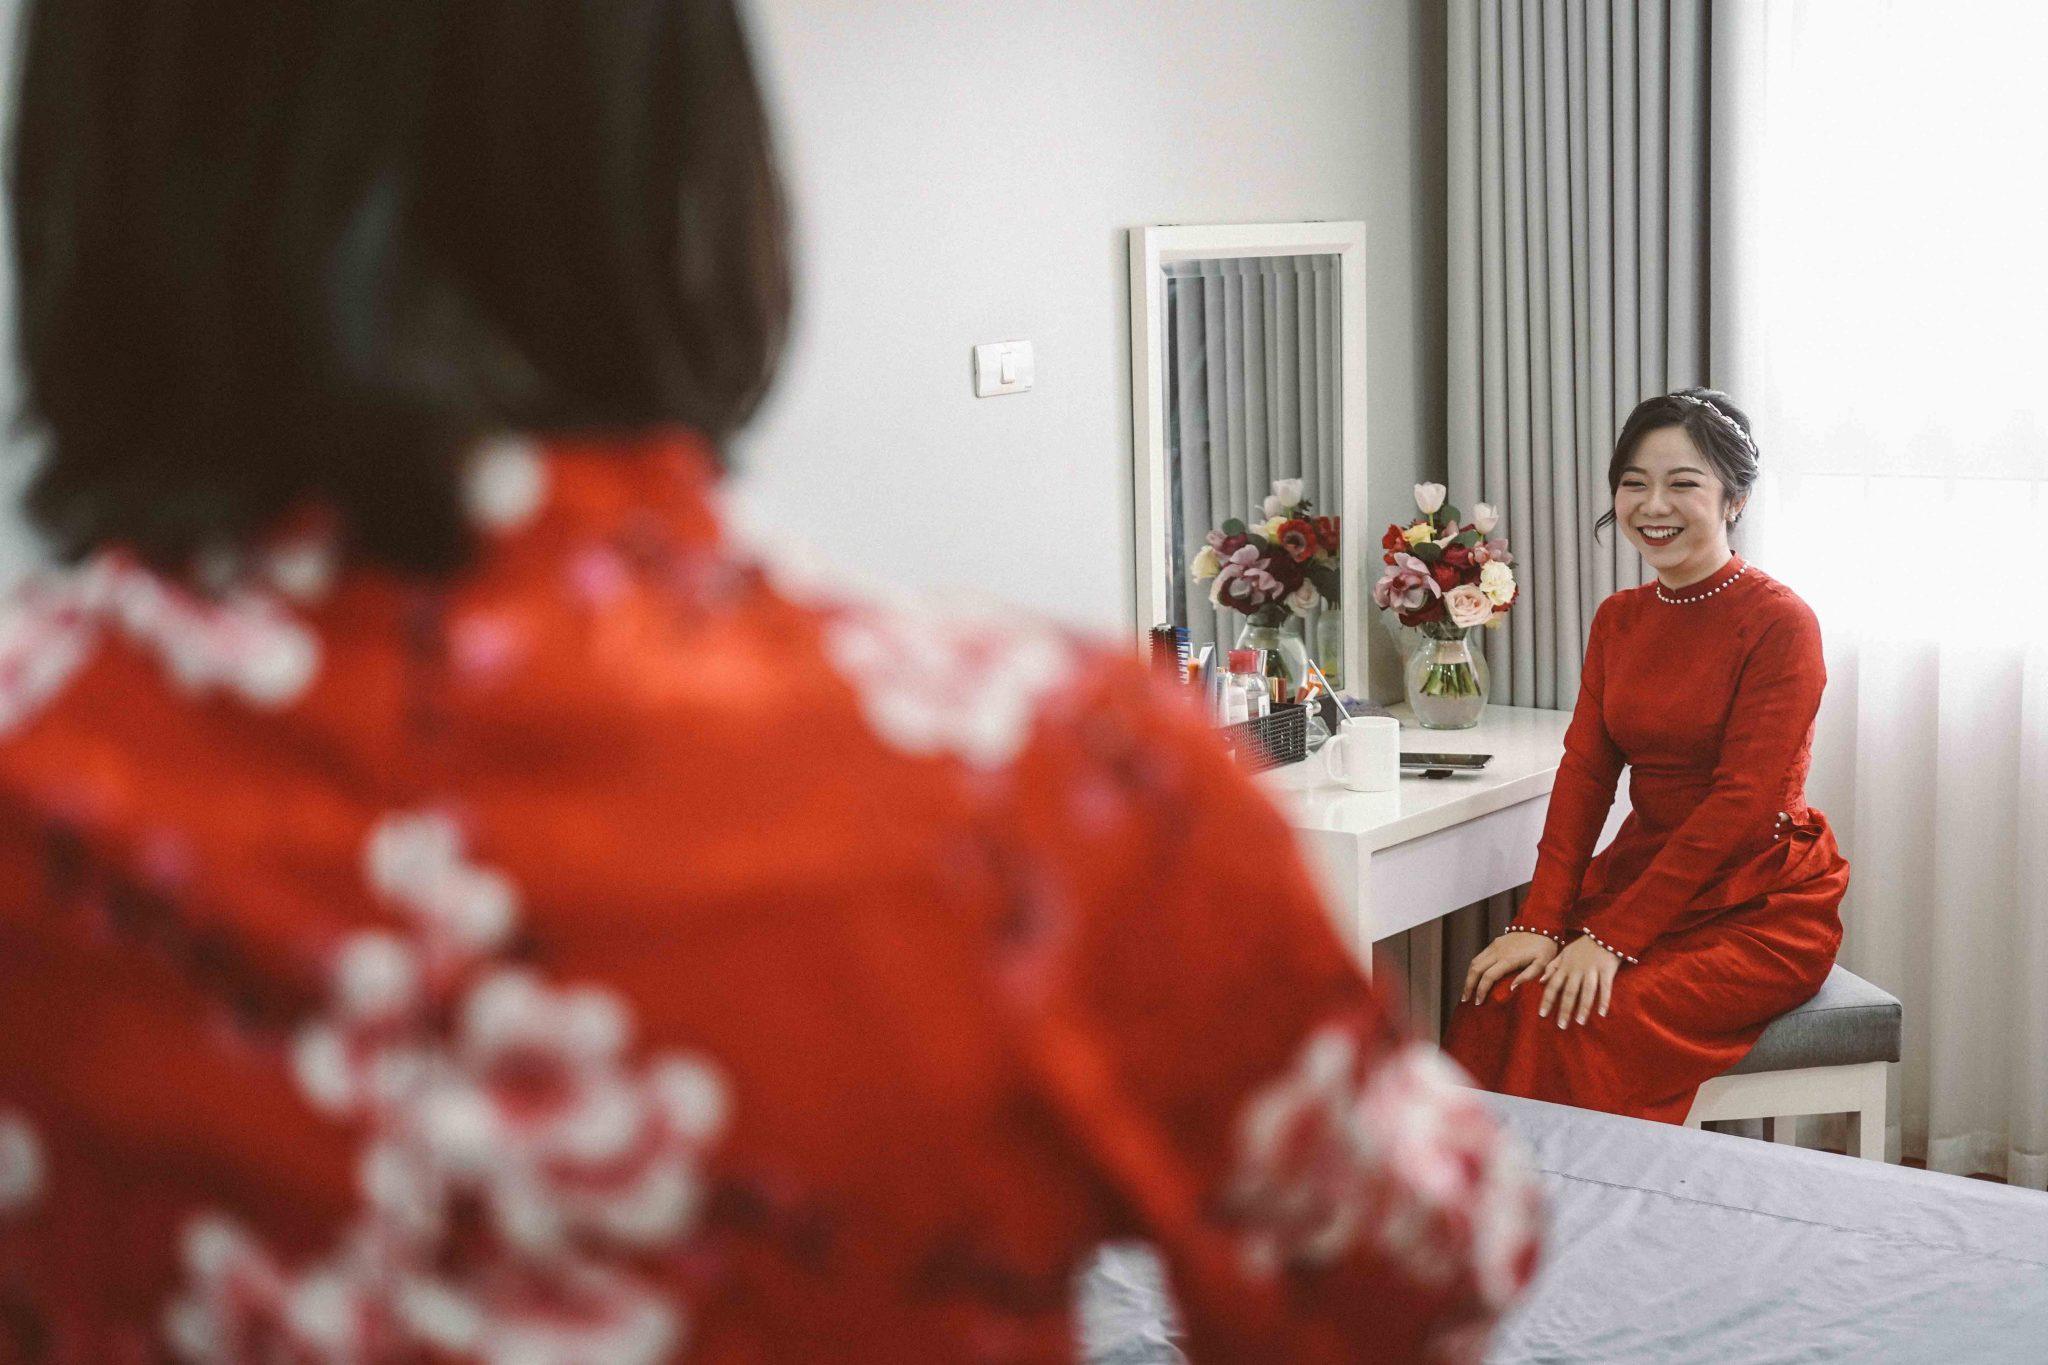 Bộ ảnh cưới của cặp đôi Hà nội Thuy & Dat bạn hài lòng